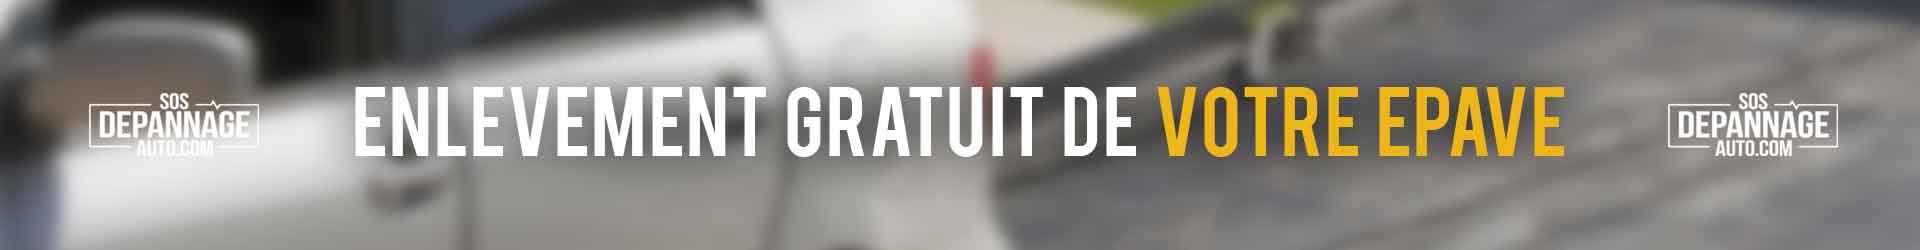 //sos-depannage-auto.com/wp-content/uploads/2019/04/enlevement-epave-gratuit-epaviste-paris-idf-1.jpg